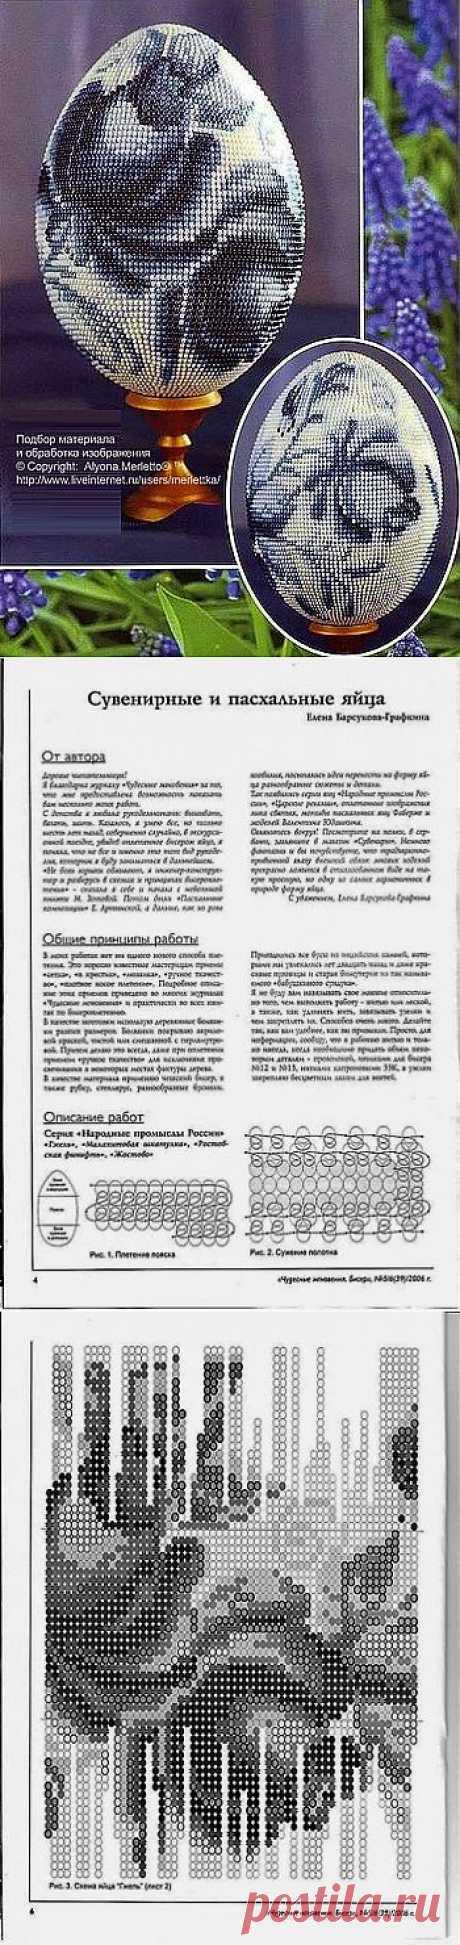 Схемка для пасхальных яиц (ГЖЕЛЬ) / Разнообразные поделки из бисера: схемы,мастер классы / PassionForum - мастер-классы по рукоделию